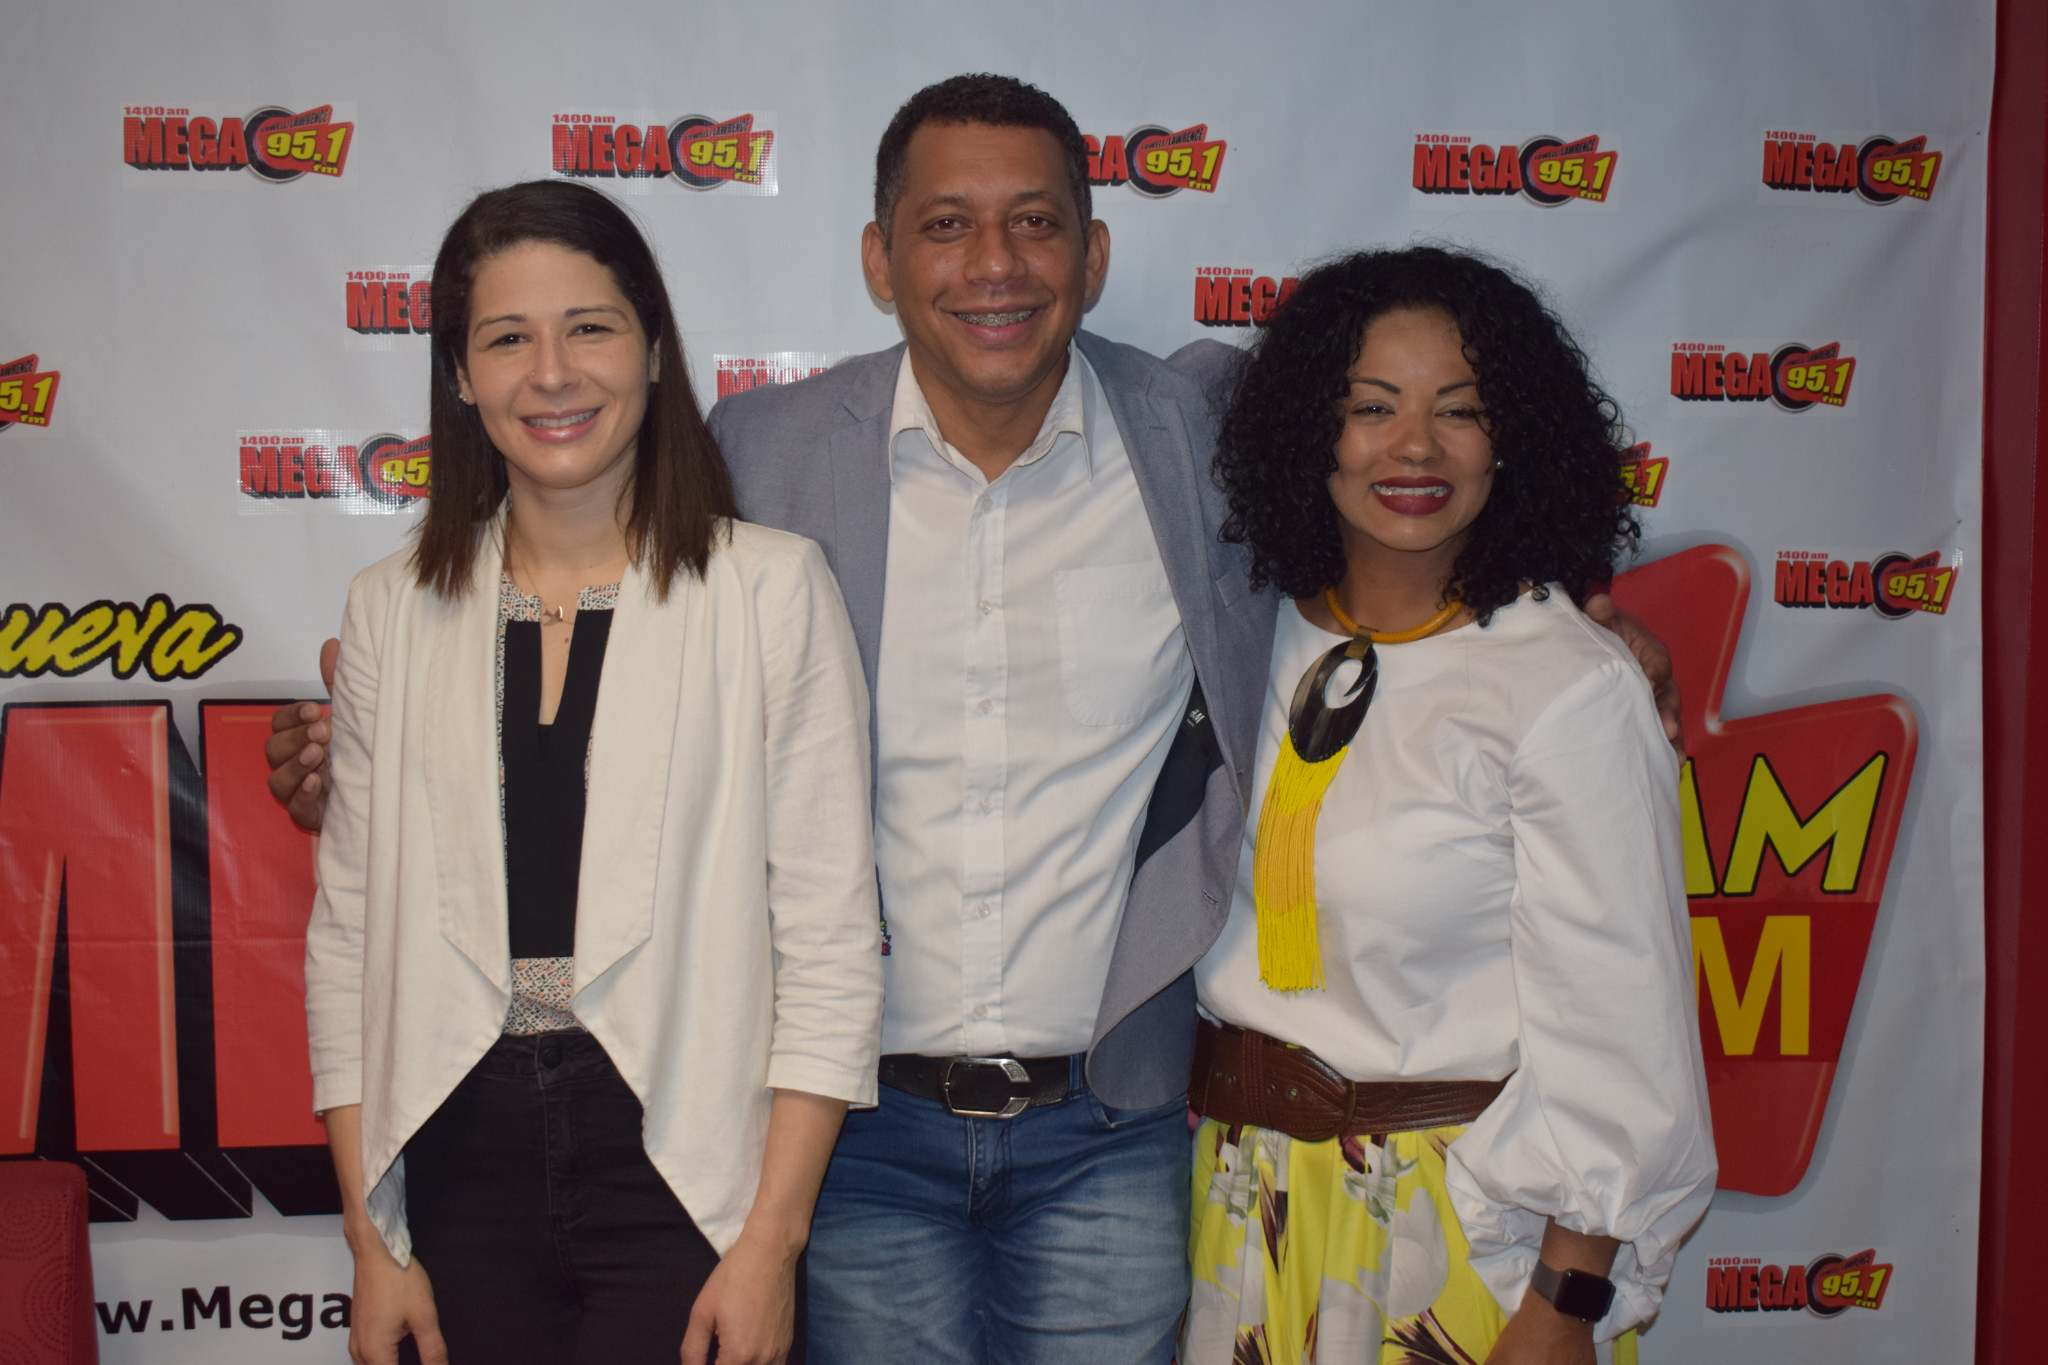 With Raquel Quezada and Monchy Roquez hosts of Cambiando el Mundo de Personas con Discapacidades Radio Show (LA MEGA, 95.1FM and 1400AM).